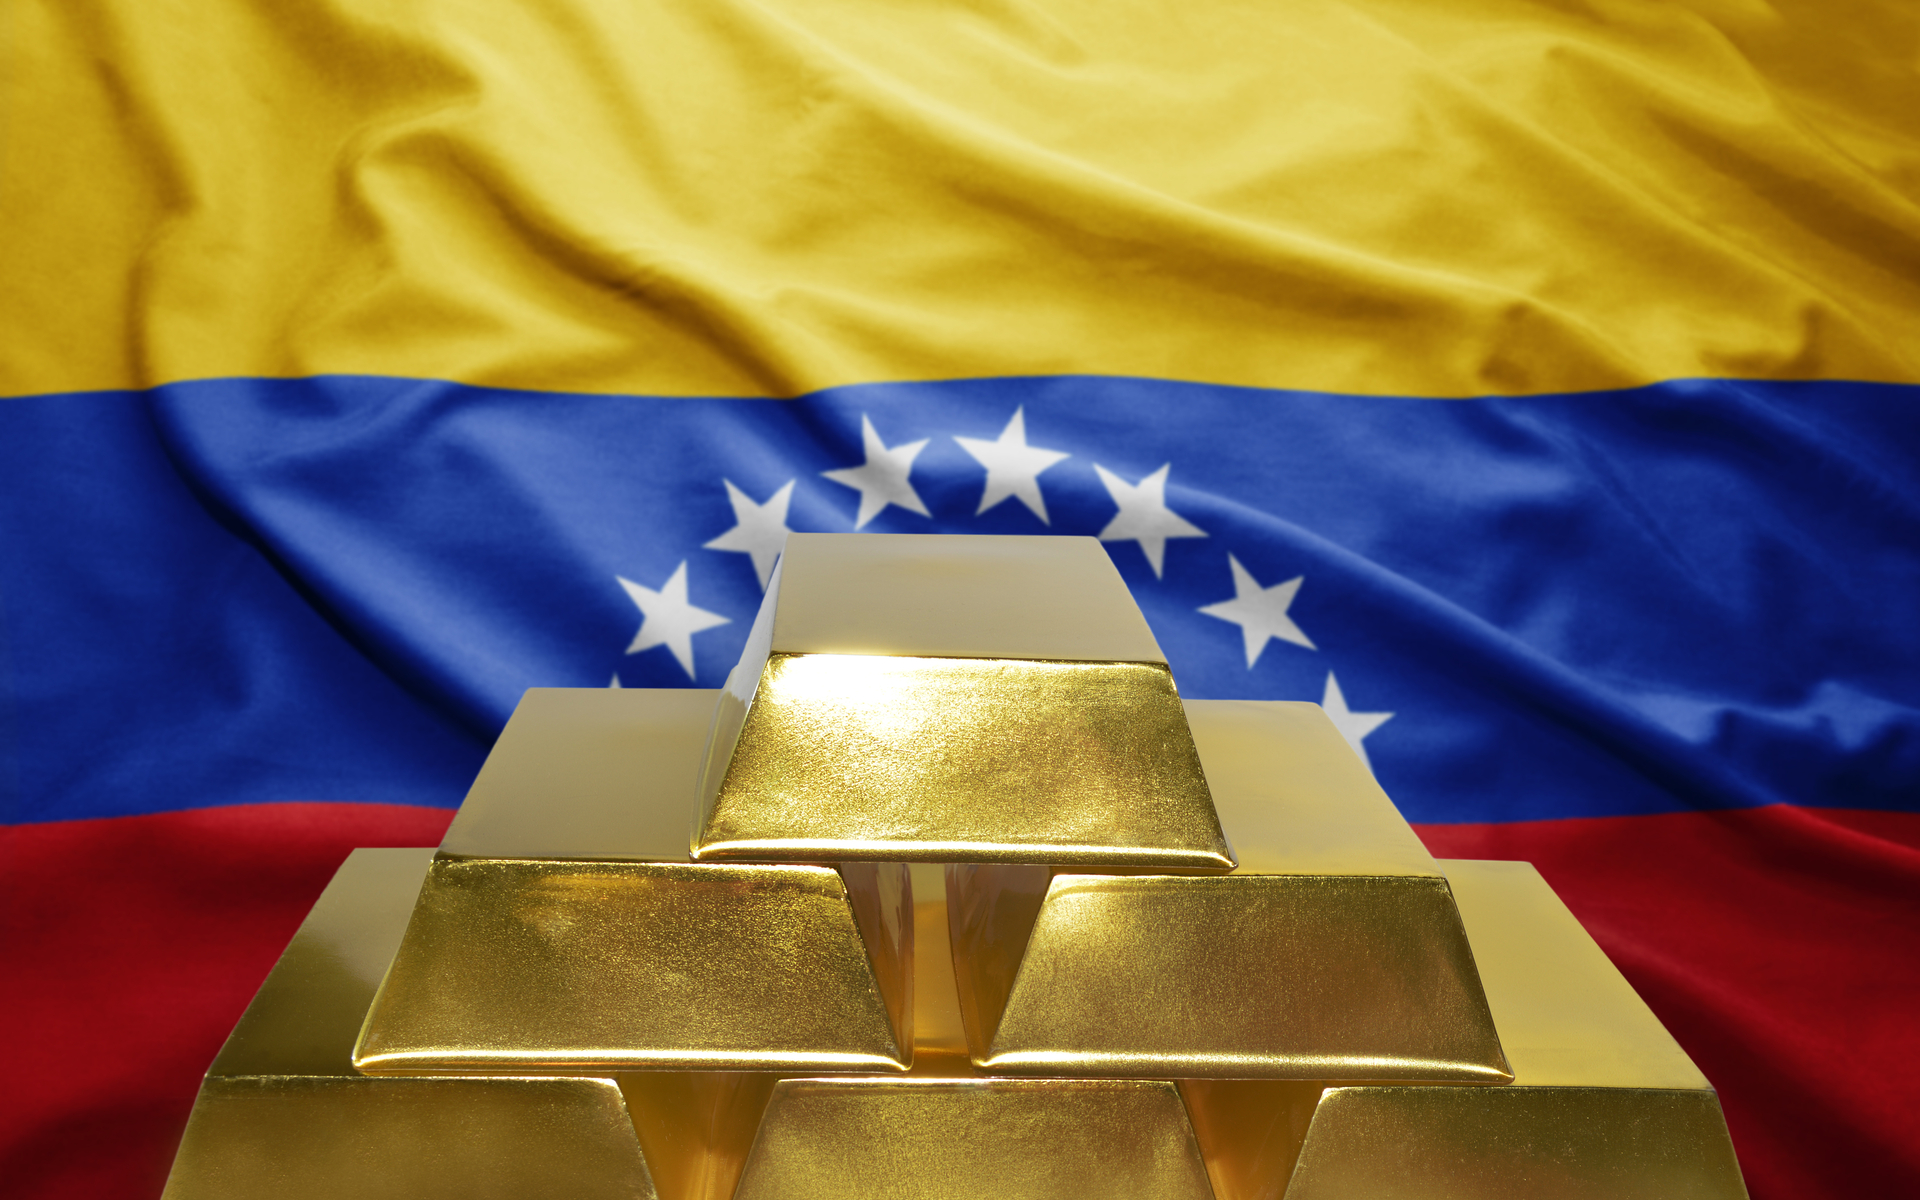 venezuela gold bitcoin